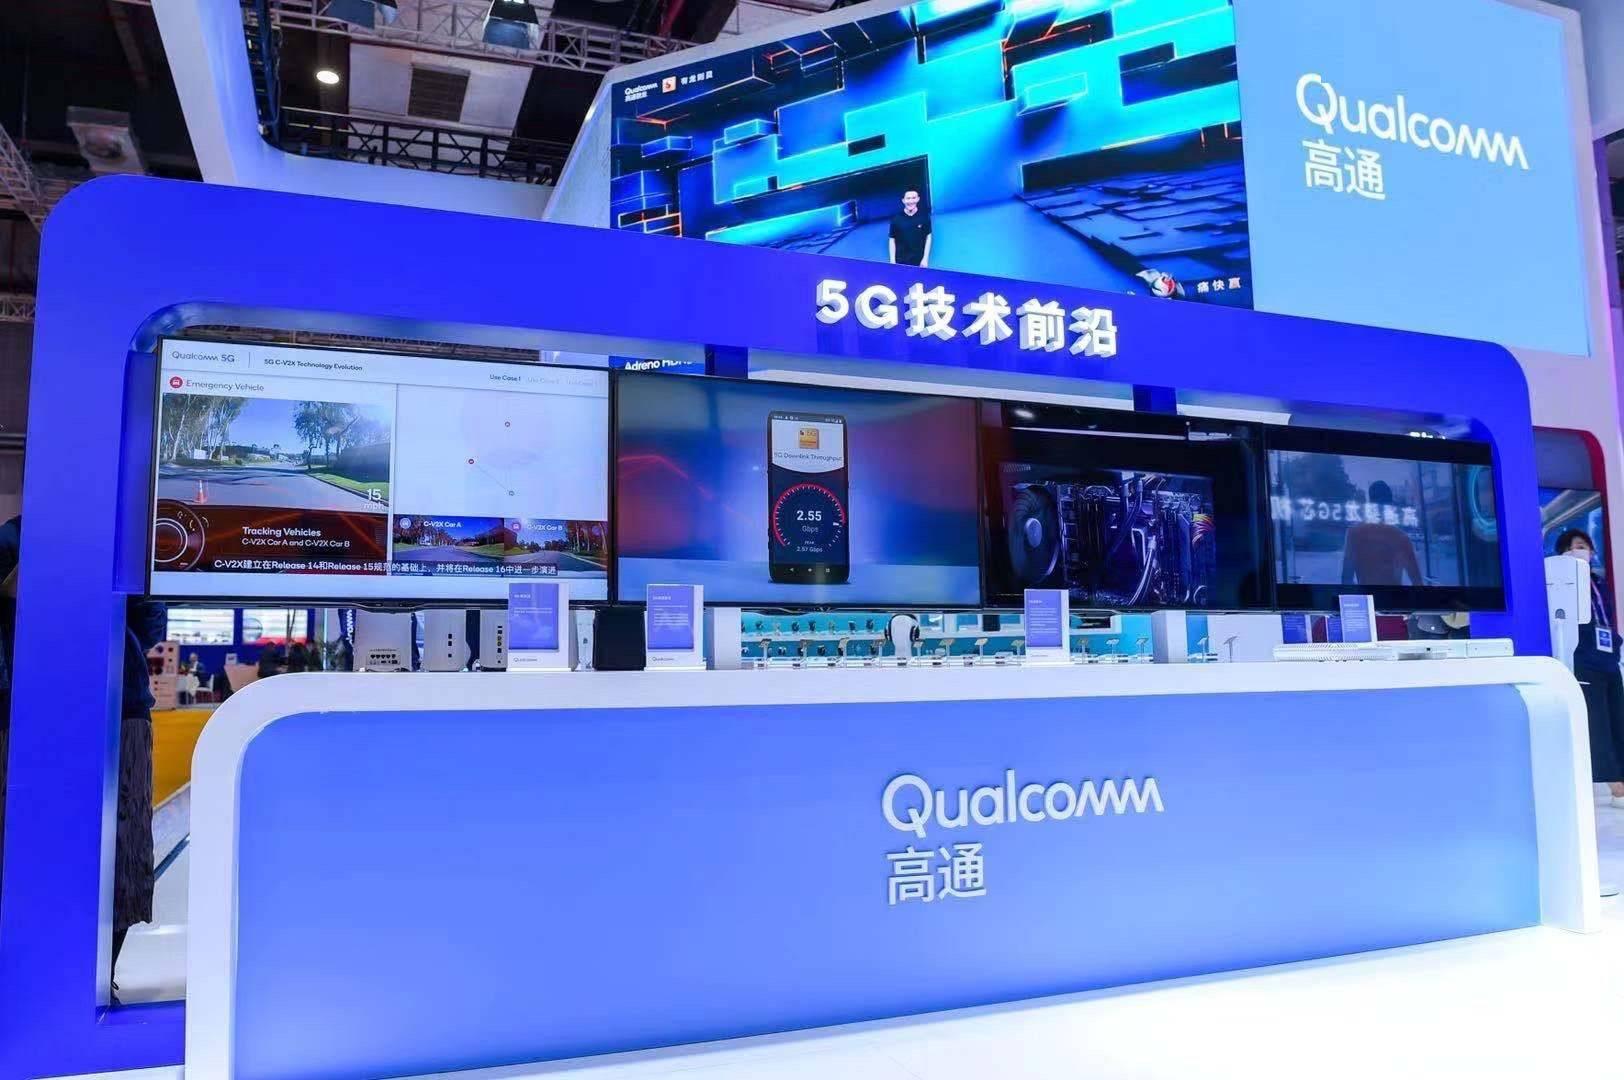 专访高通公司中国区董事长孟樸:对科技公司来说,5G还处于新起点